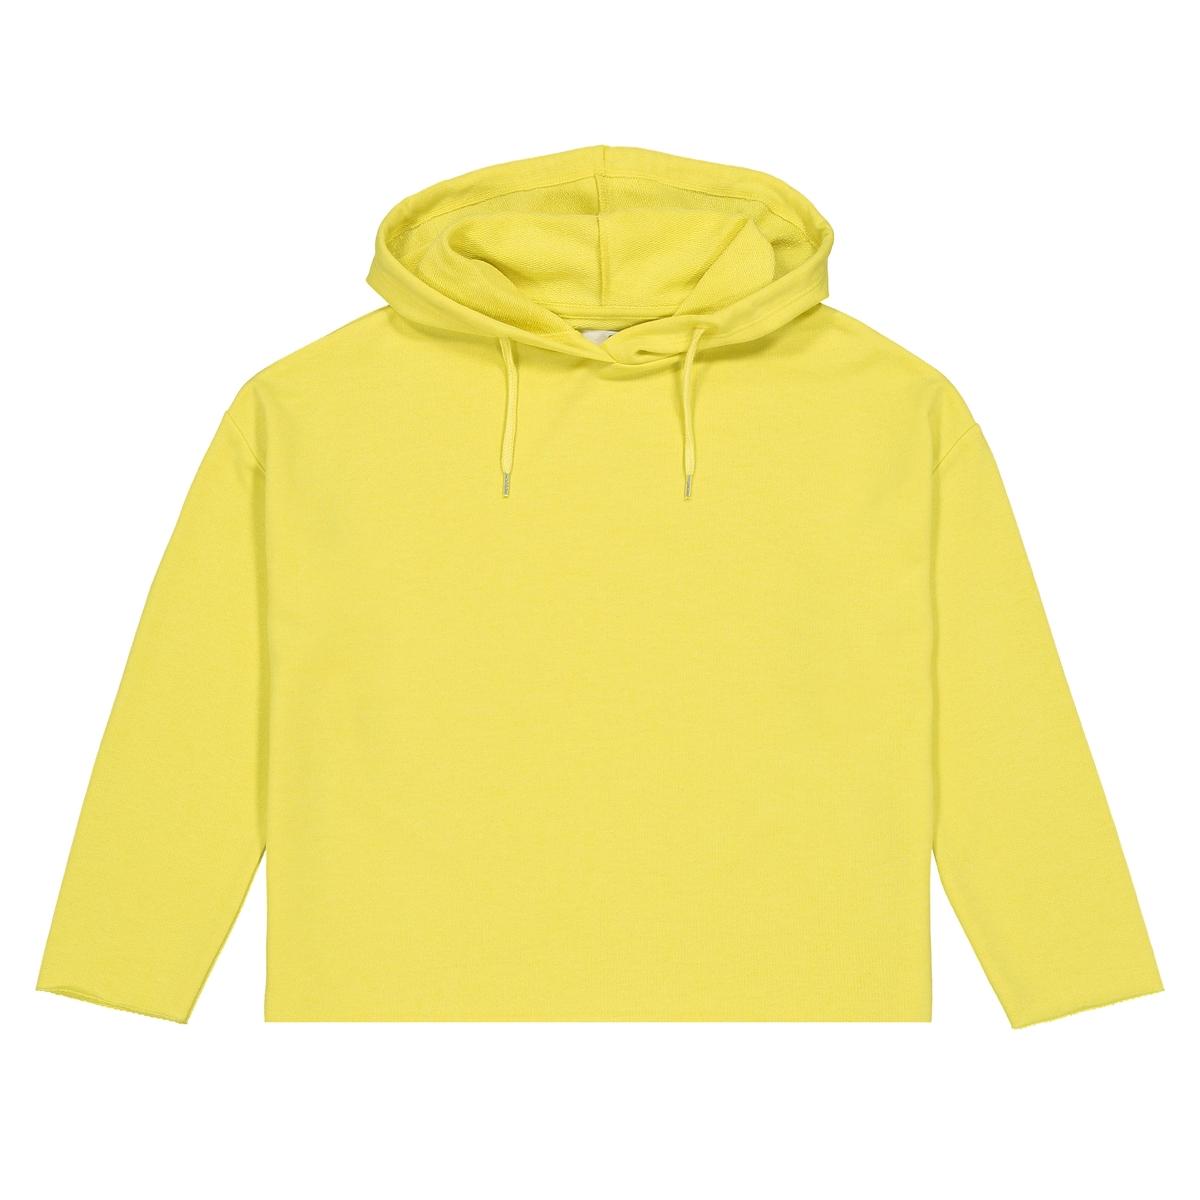 Свитшот La Redoute Однотонный покроя оверсайз с капюшоном 16 лет - 162 см желтый